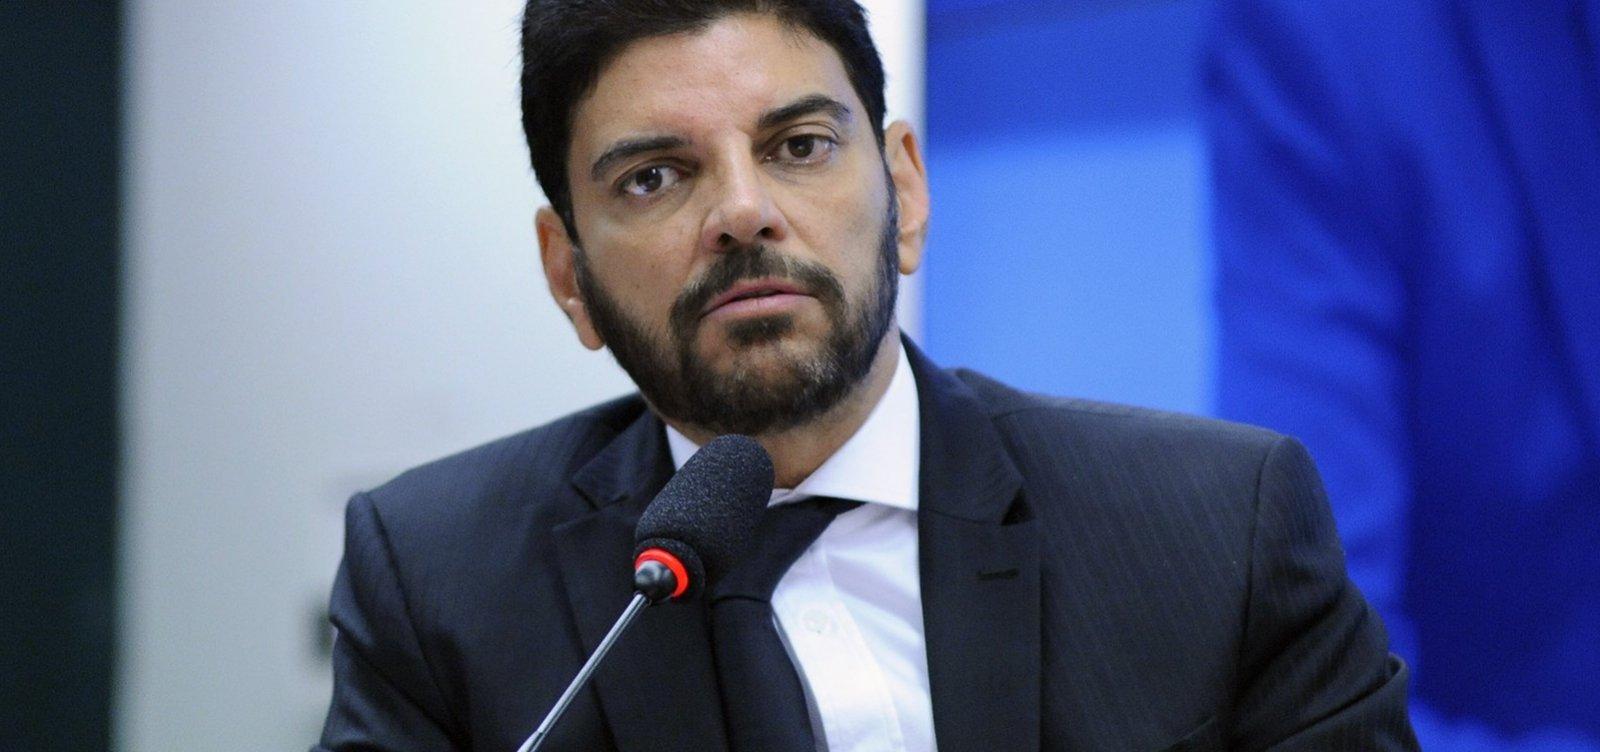 Coaf: Cajado diz que votaria contra orientação do PP